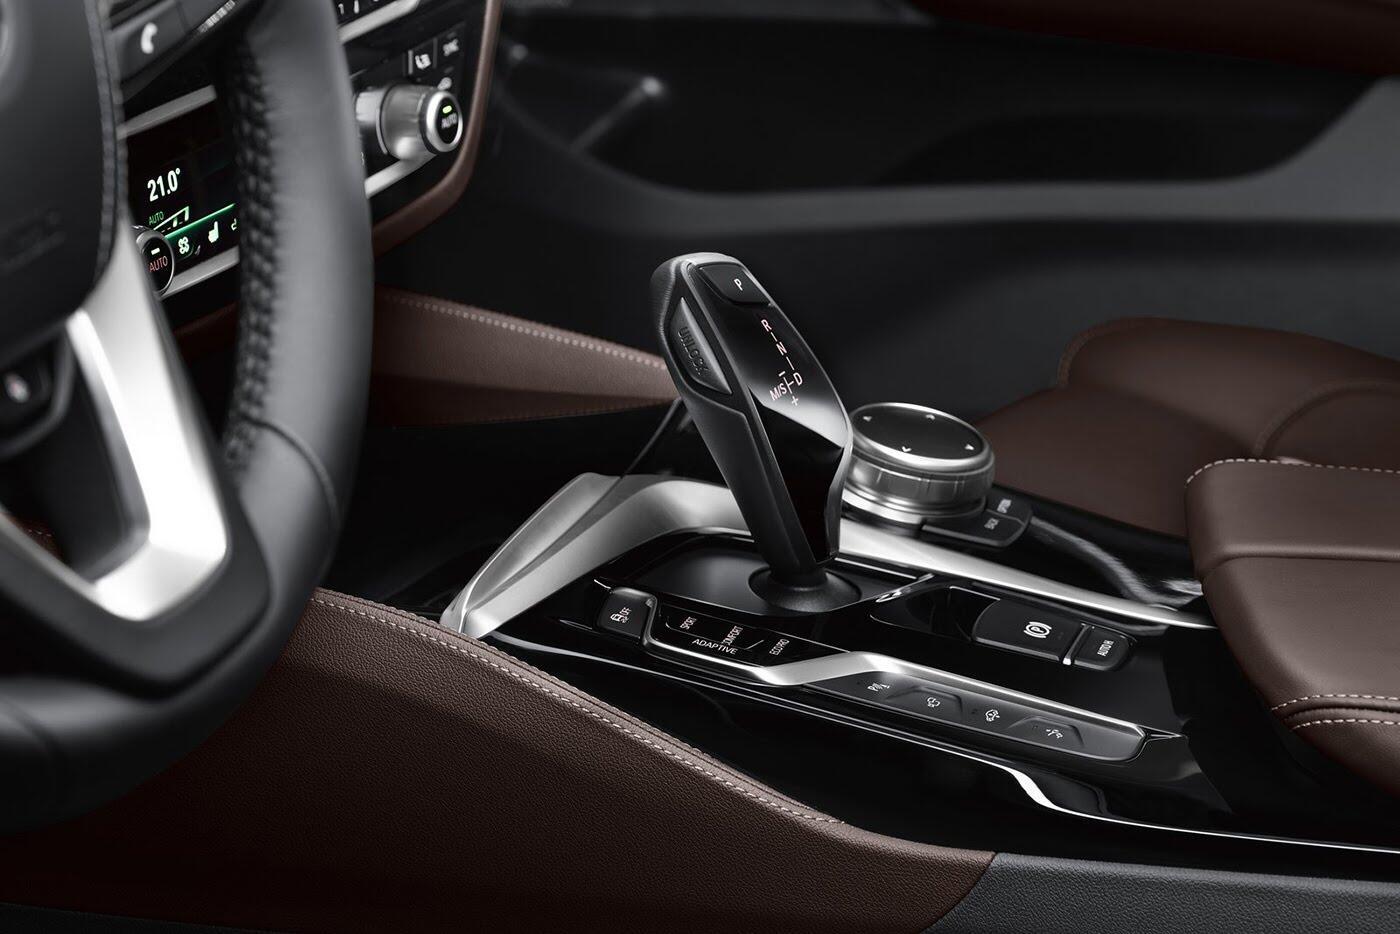 Xem thêm ảnh BMW 6-Series Gran Turismo 2018 - Hình 27